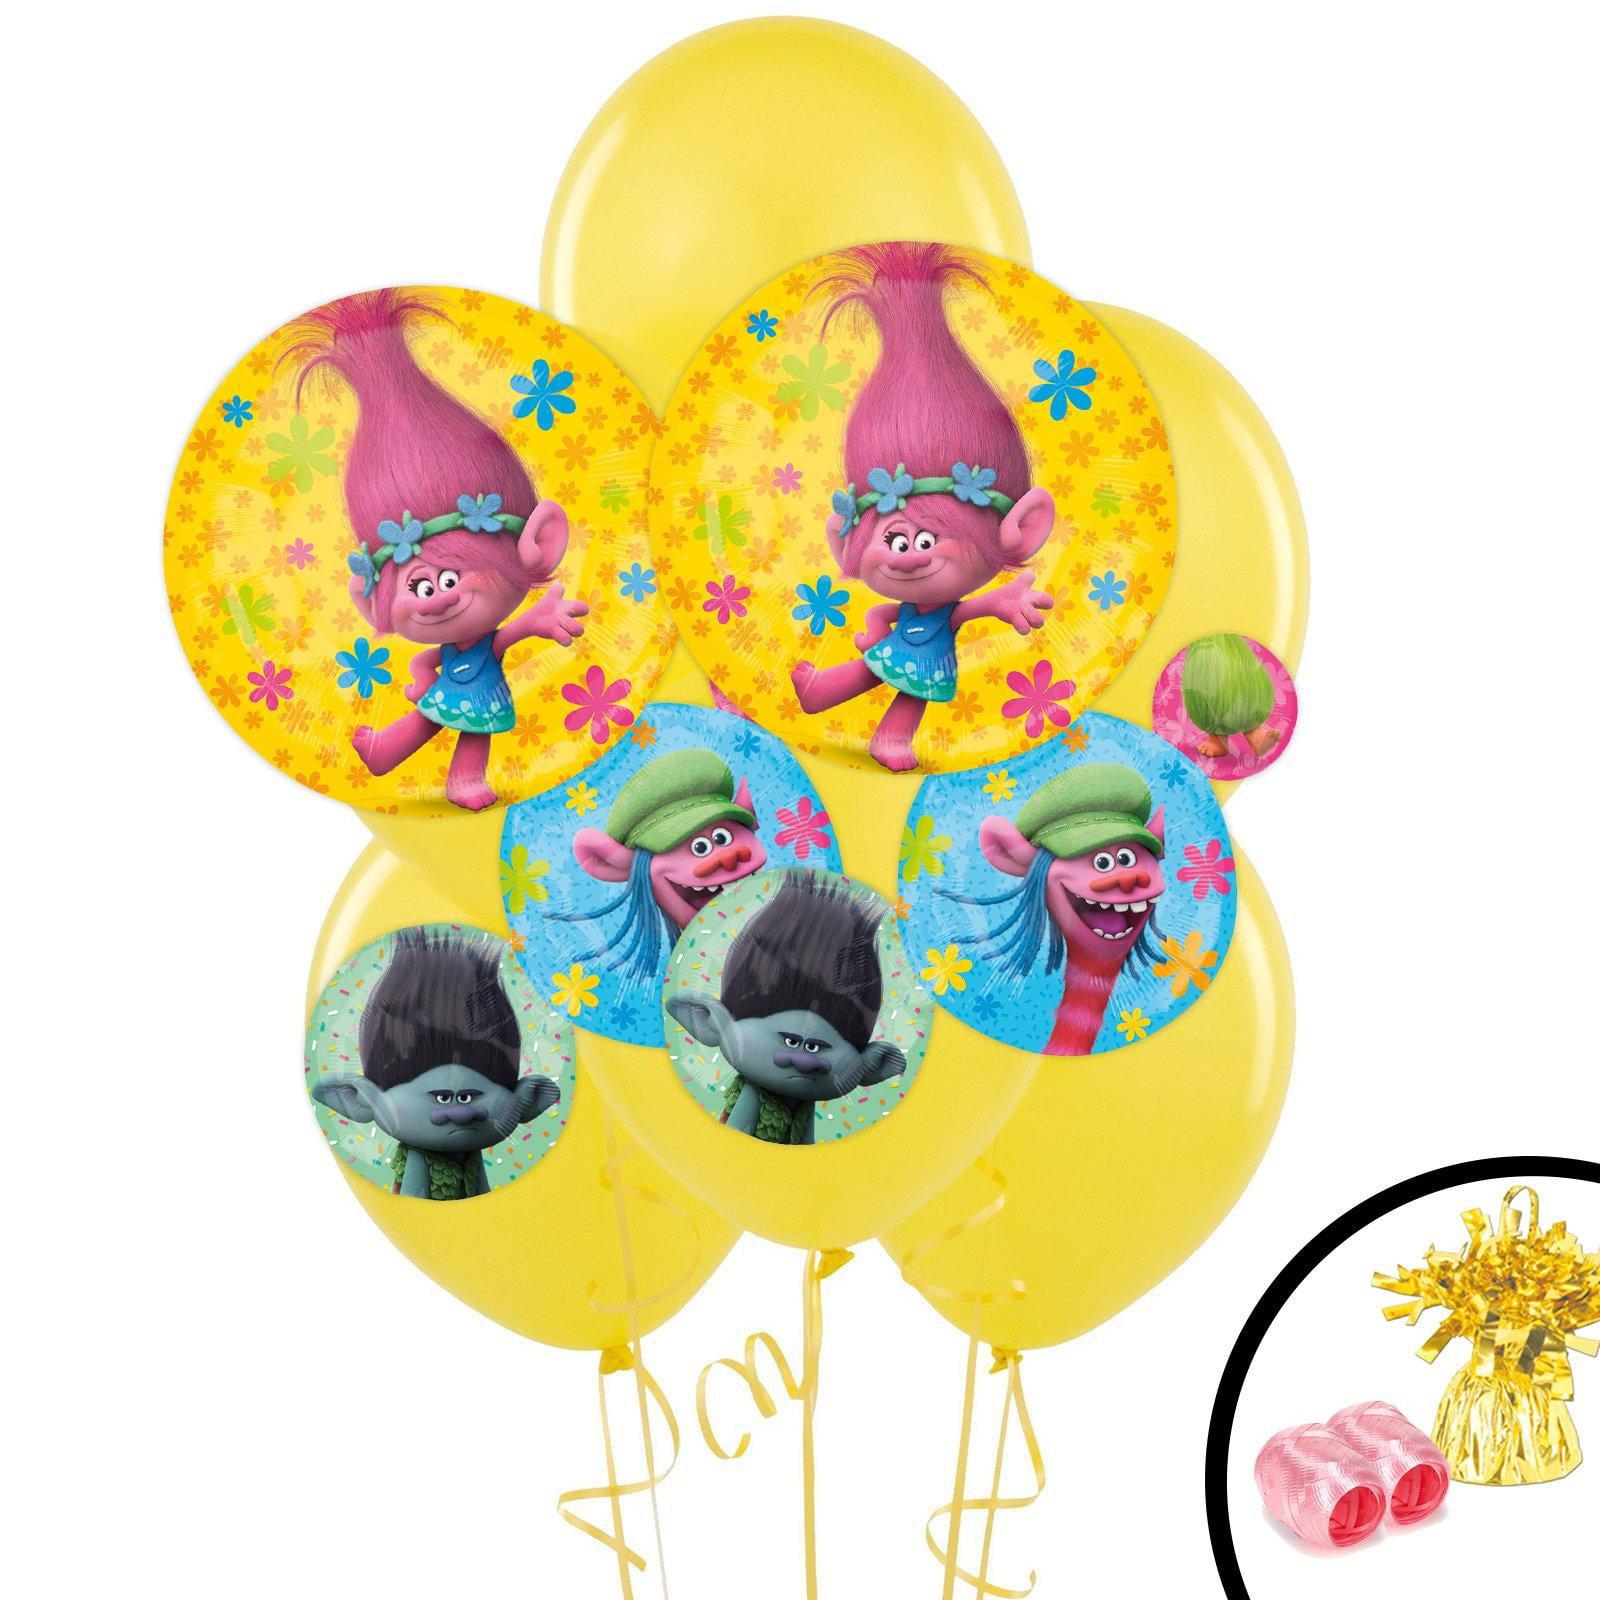 Trolls Jumbo Balloon Bouquet